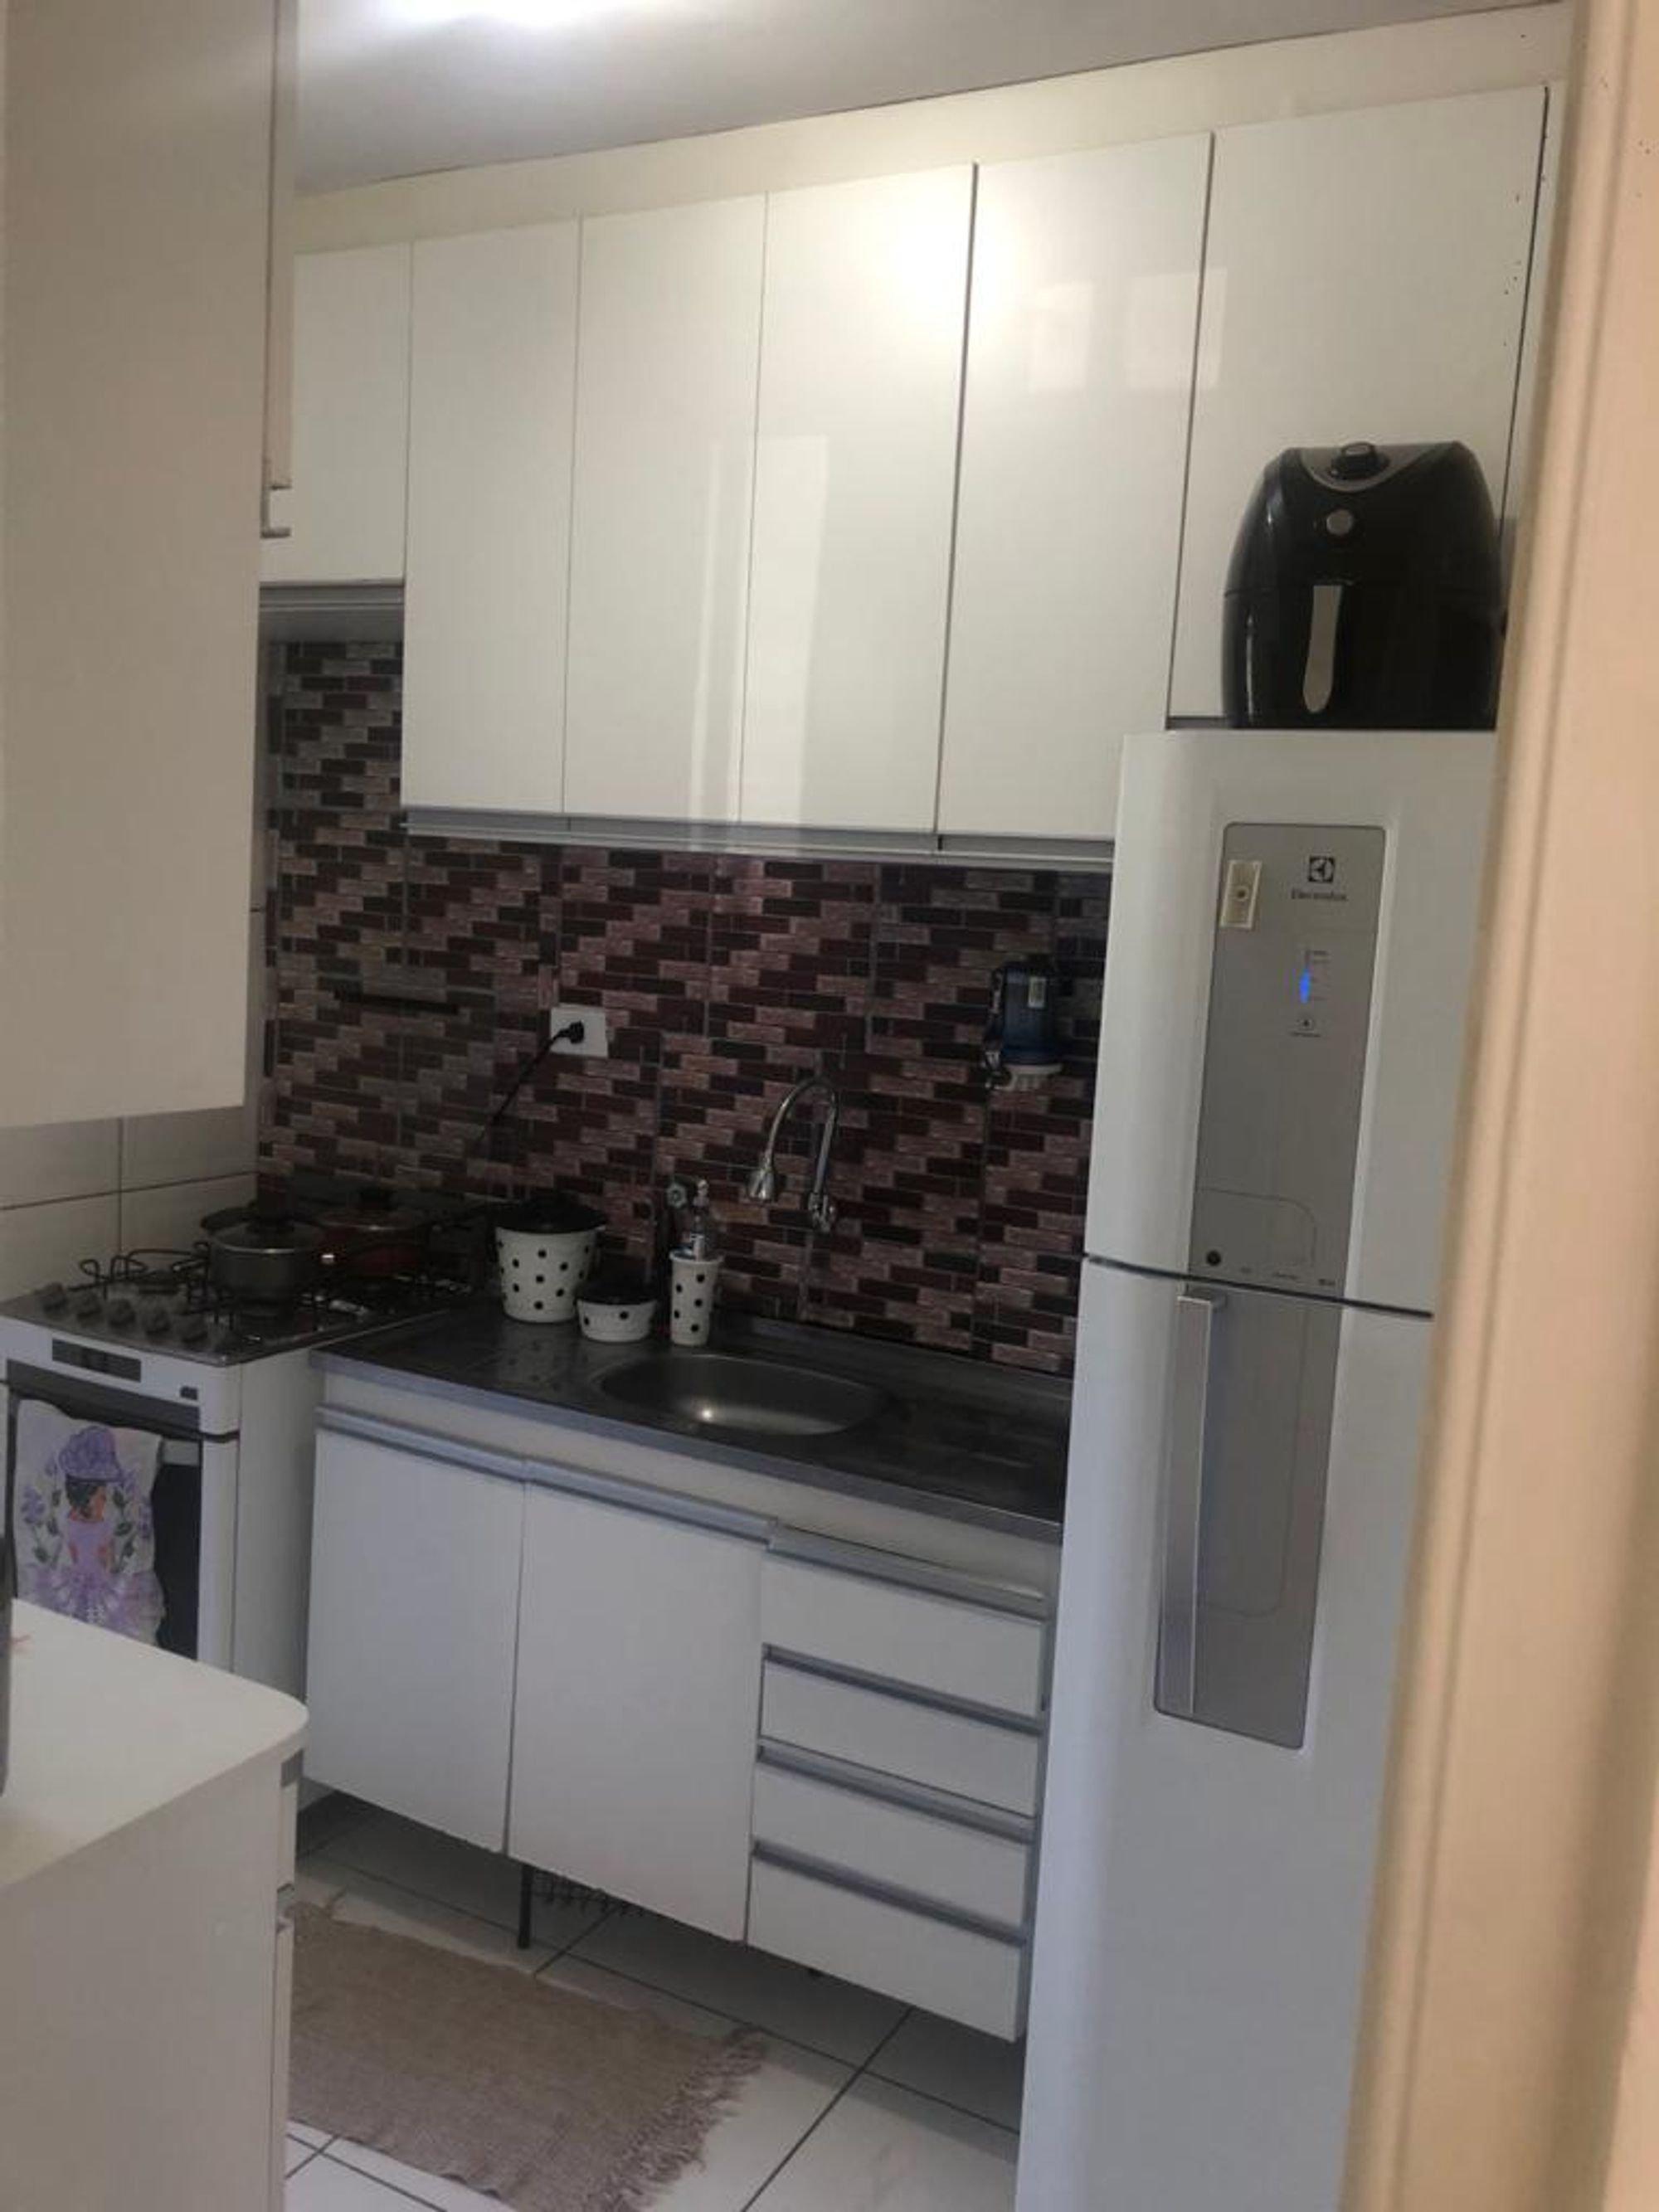 Foto de Cozinha com garrafa, forno, geladeira, pia, mesa de jantar, xícara